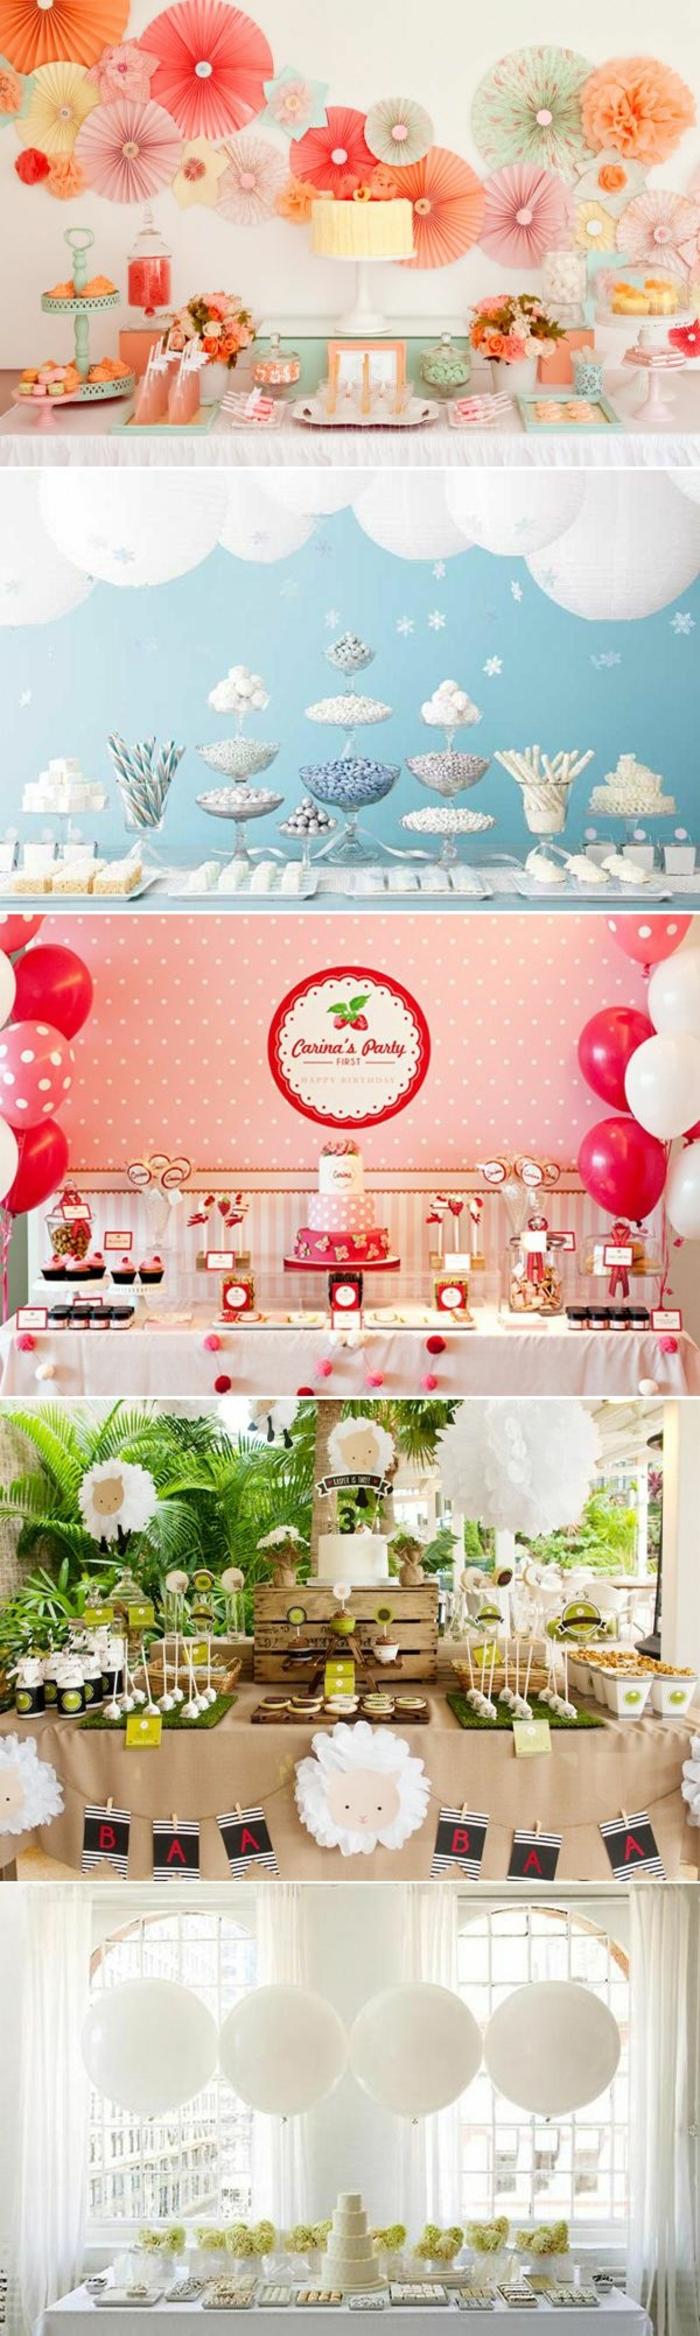 décoration table avec pinatas, lanternes en papier, ballons rouges et blancs, plantes, pelouse artificielle, deco de table anniversaire